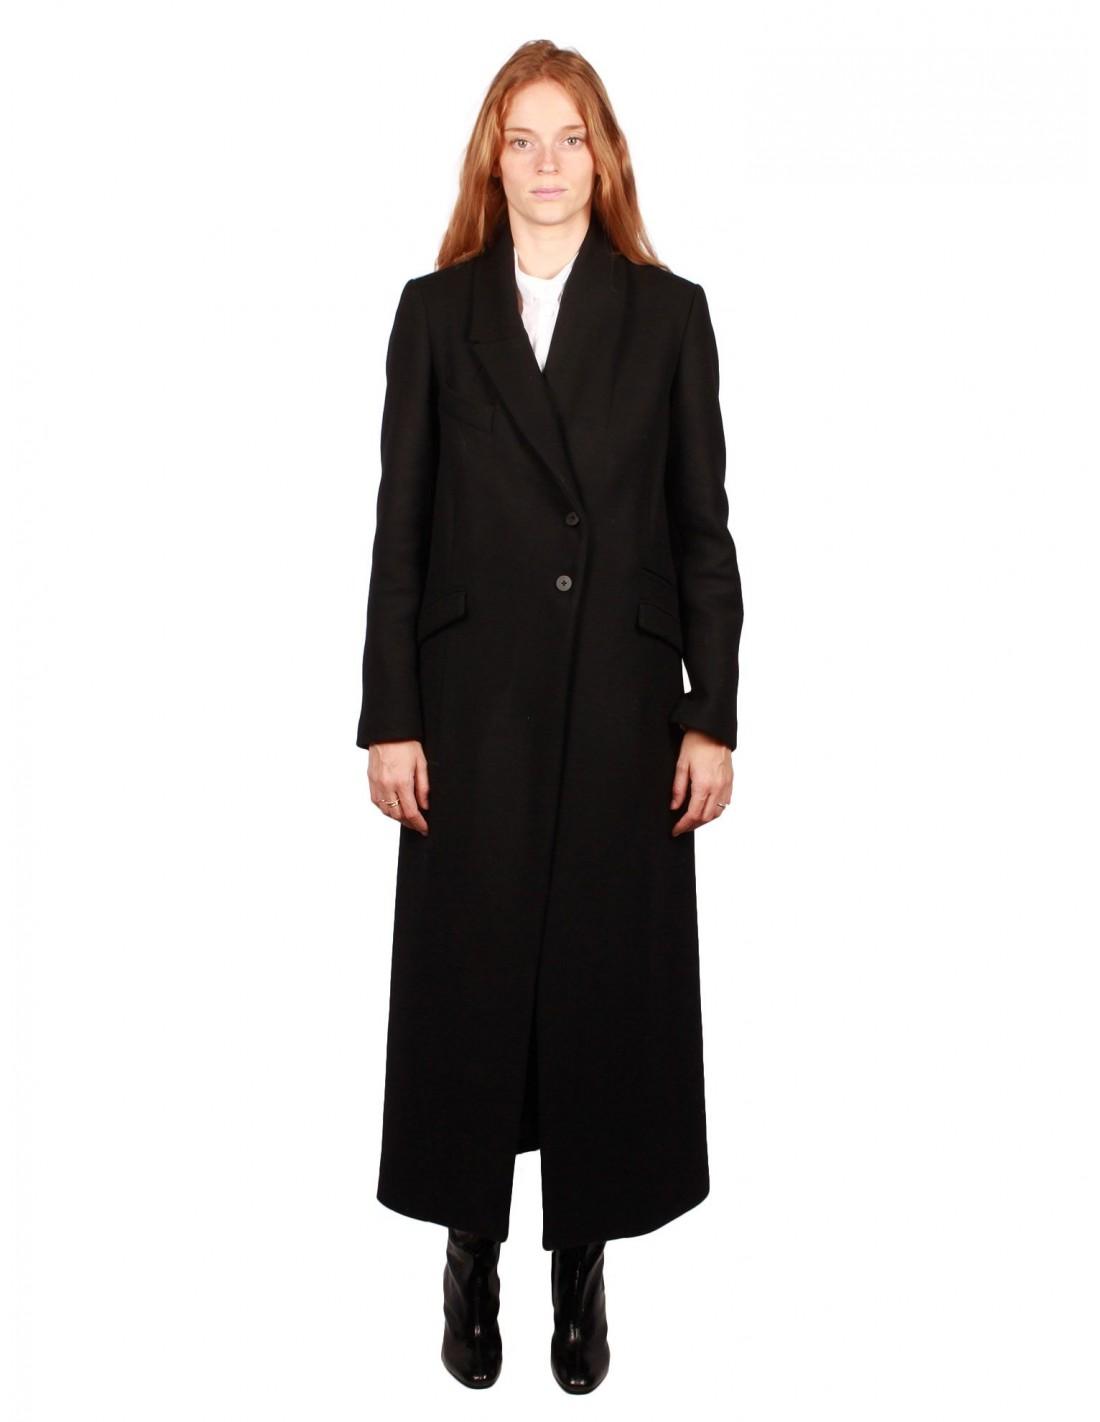 Noire Long Noir Pour Serie Manteau Femme Benenato Isabel HzqaHx